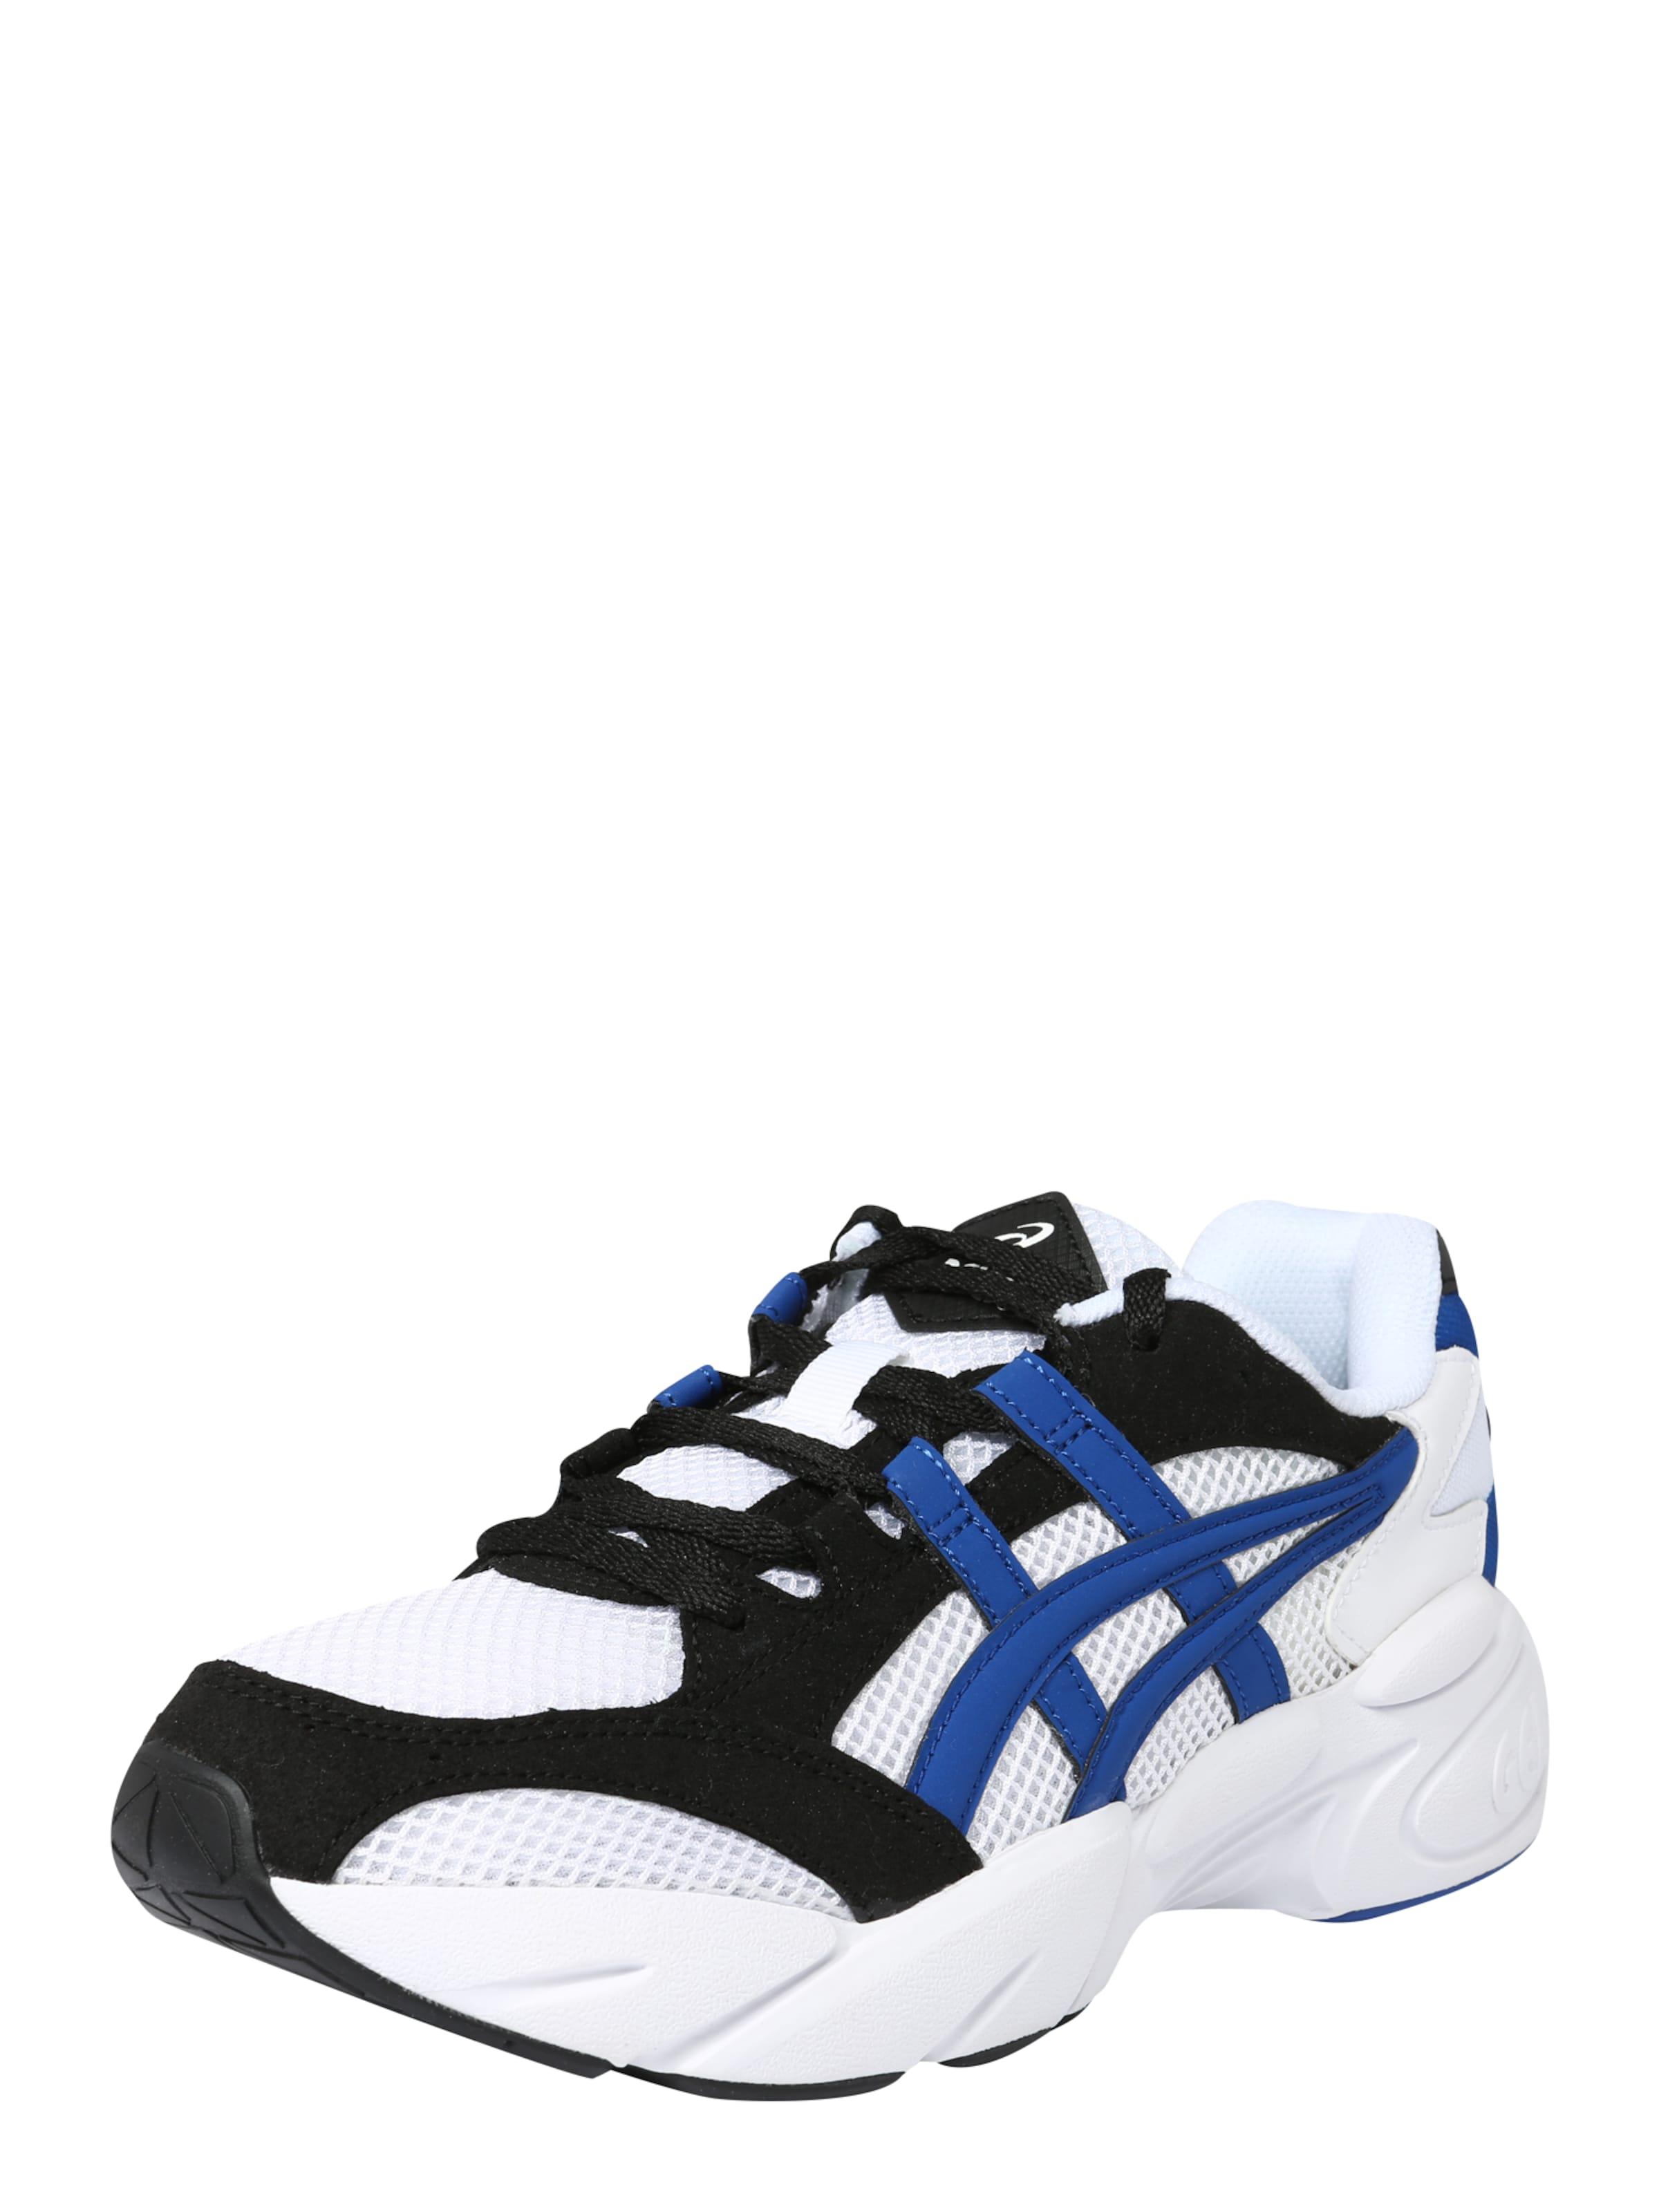 Blanc Bleu Asics FoncéNoir Baskets Basses En 'gel Tiger bondi' 8wNOXPn0k